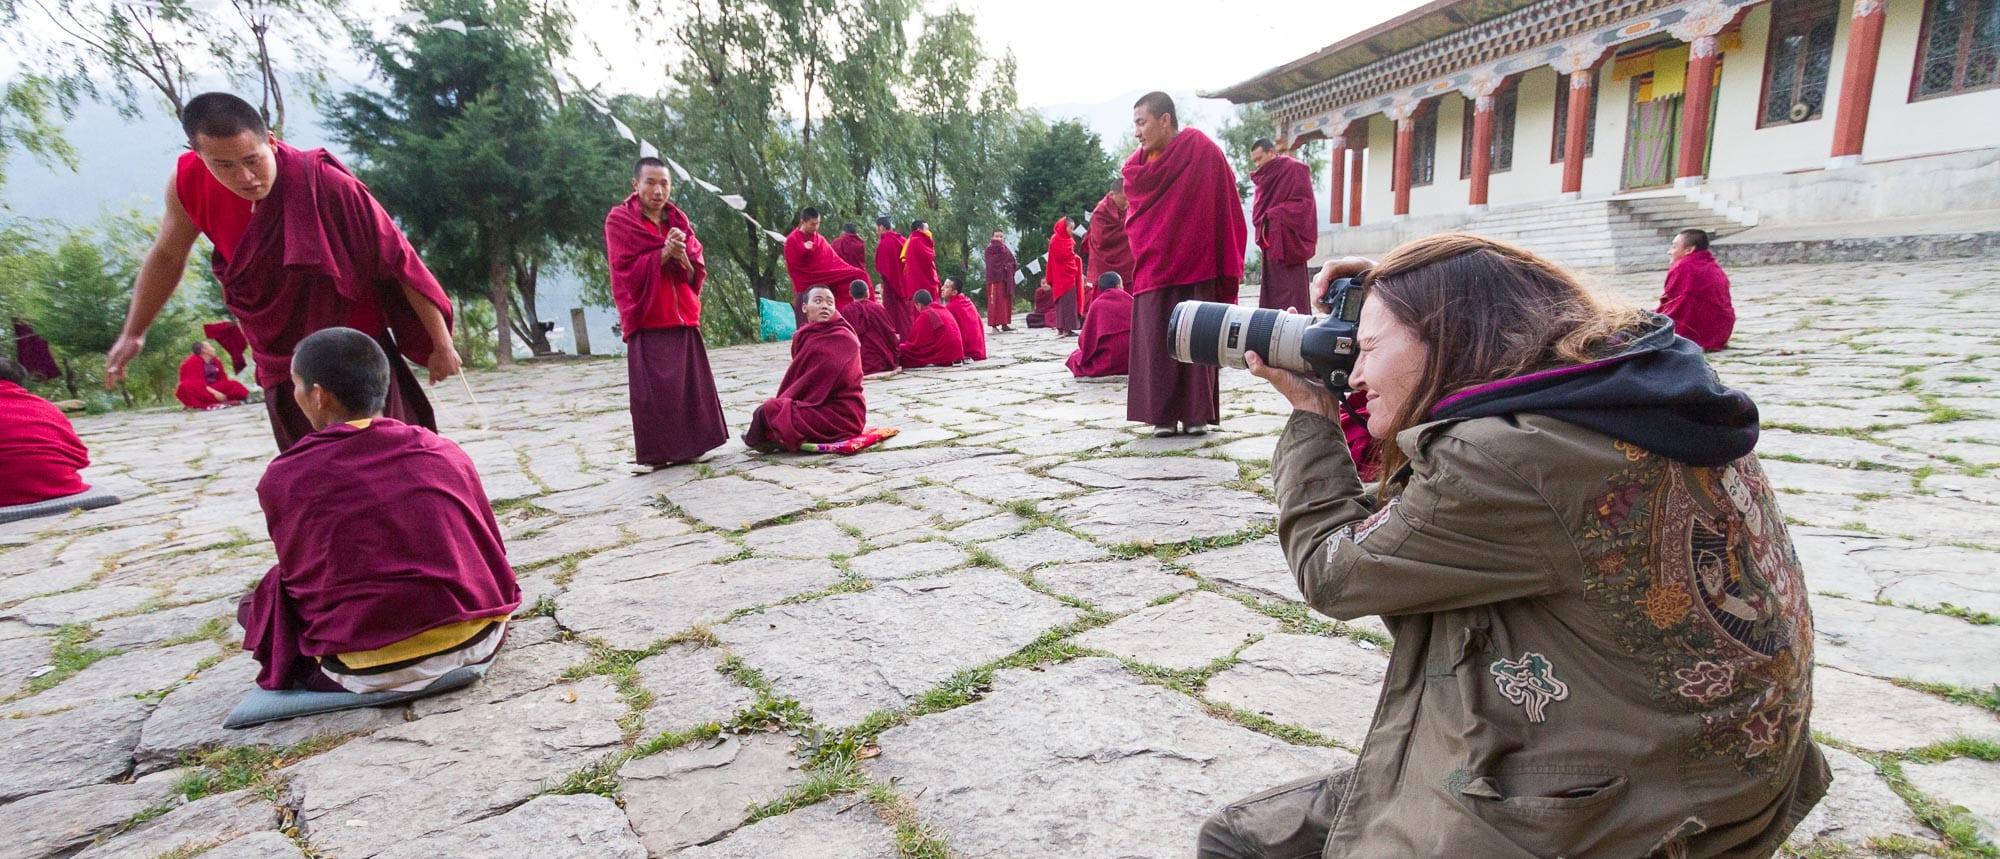 Peter-West-Carey-Bhutan2011-1024-0263